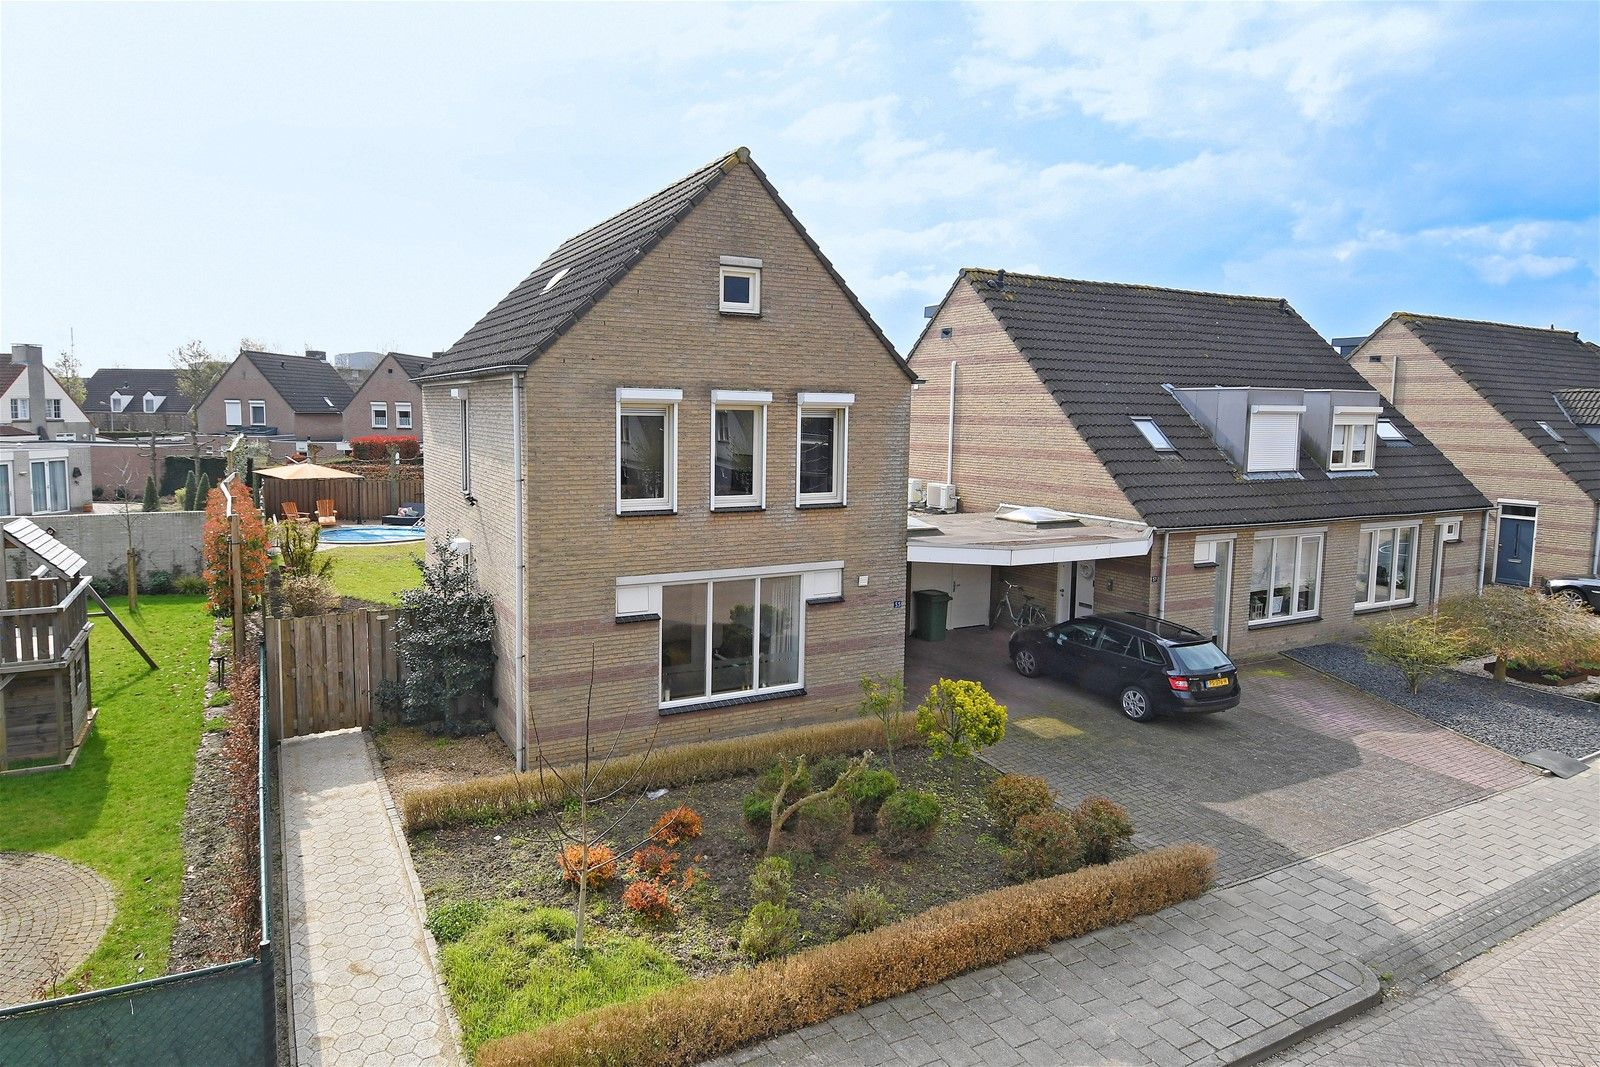 Houtzaagmolen 55 Koopwoning In Weert Limburg Huislijn Nl